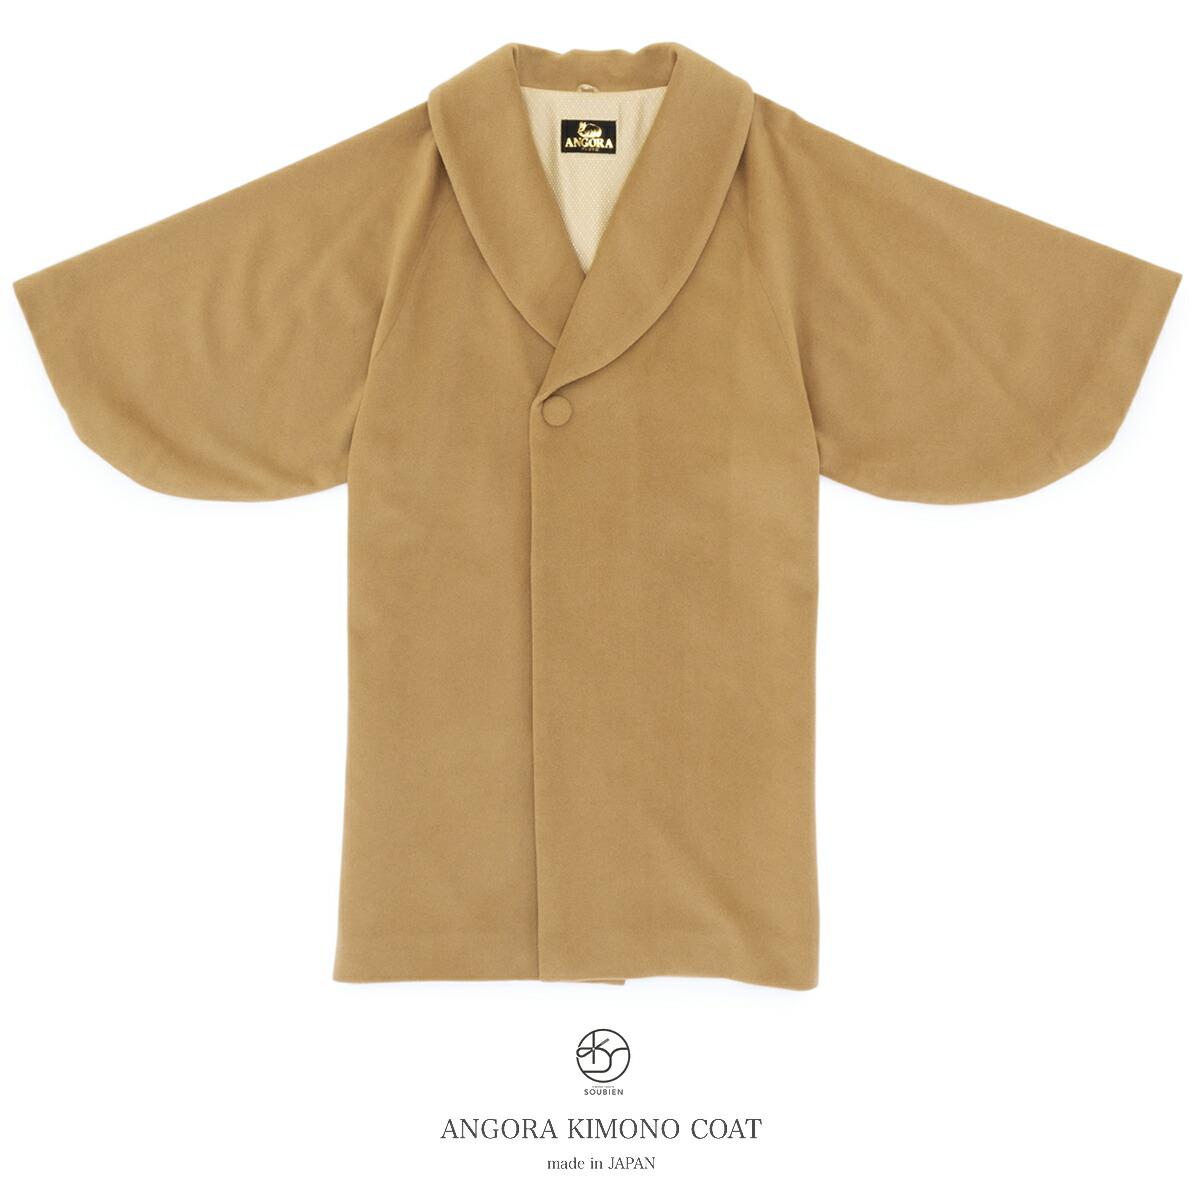 小紋や訪問着におすすめなコート